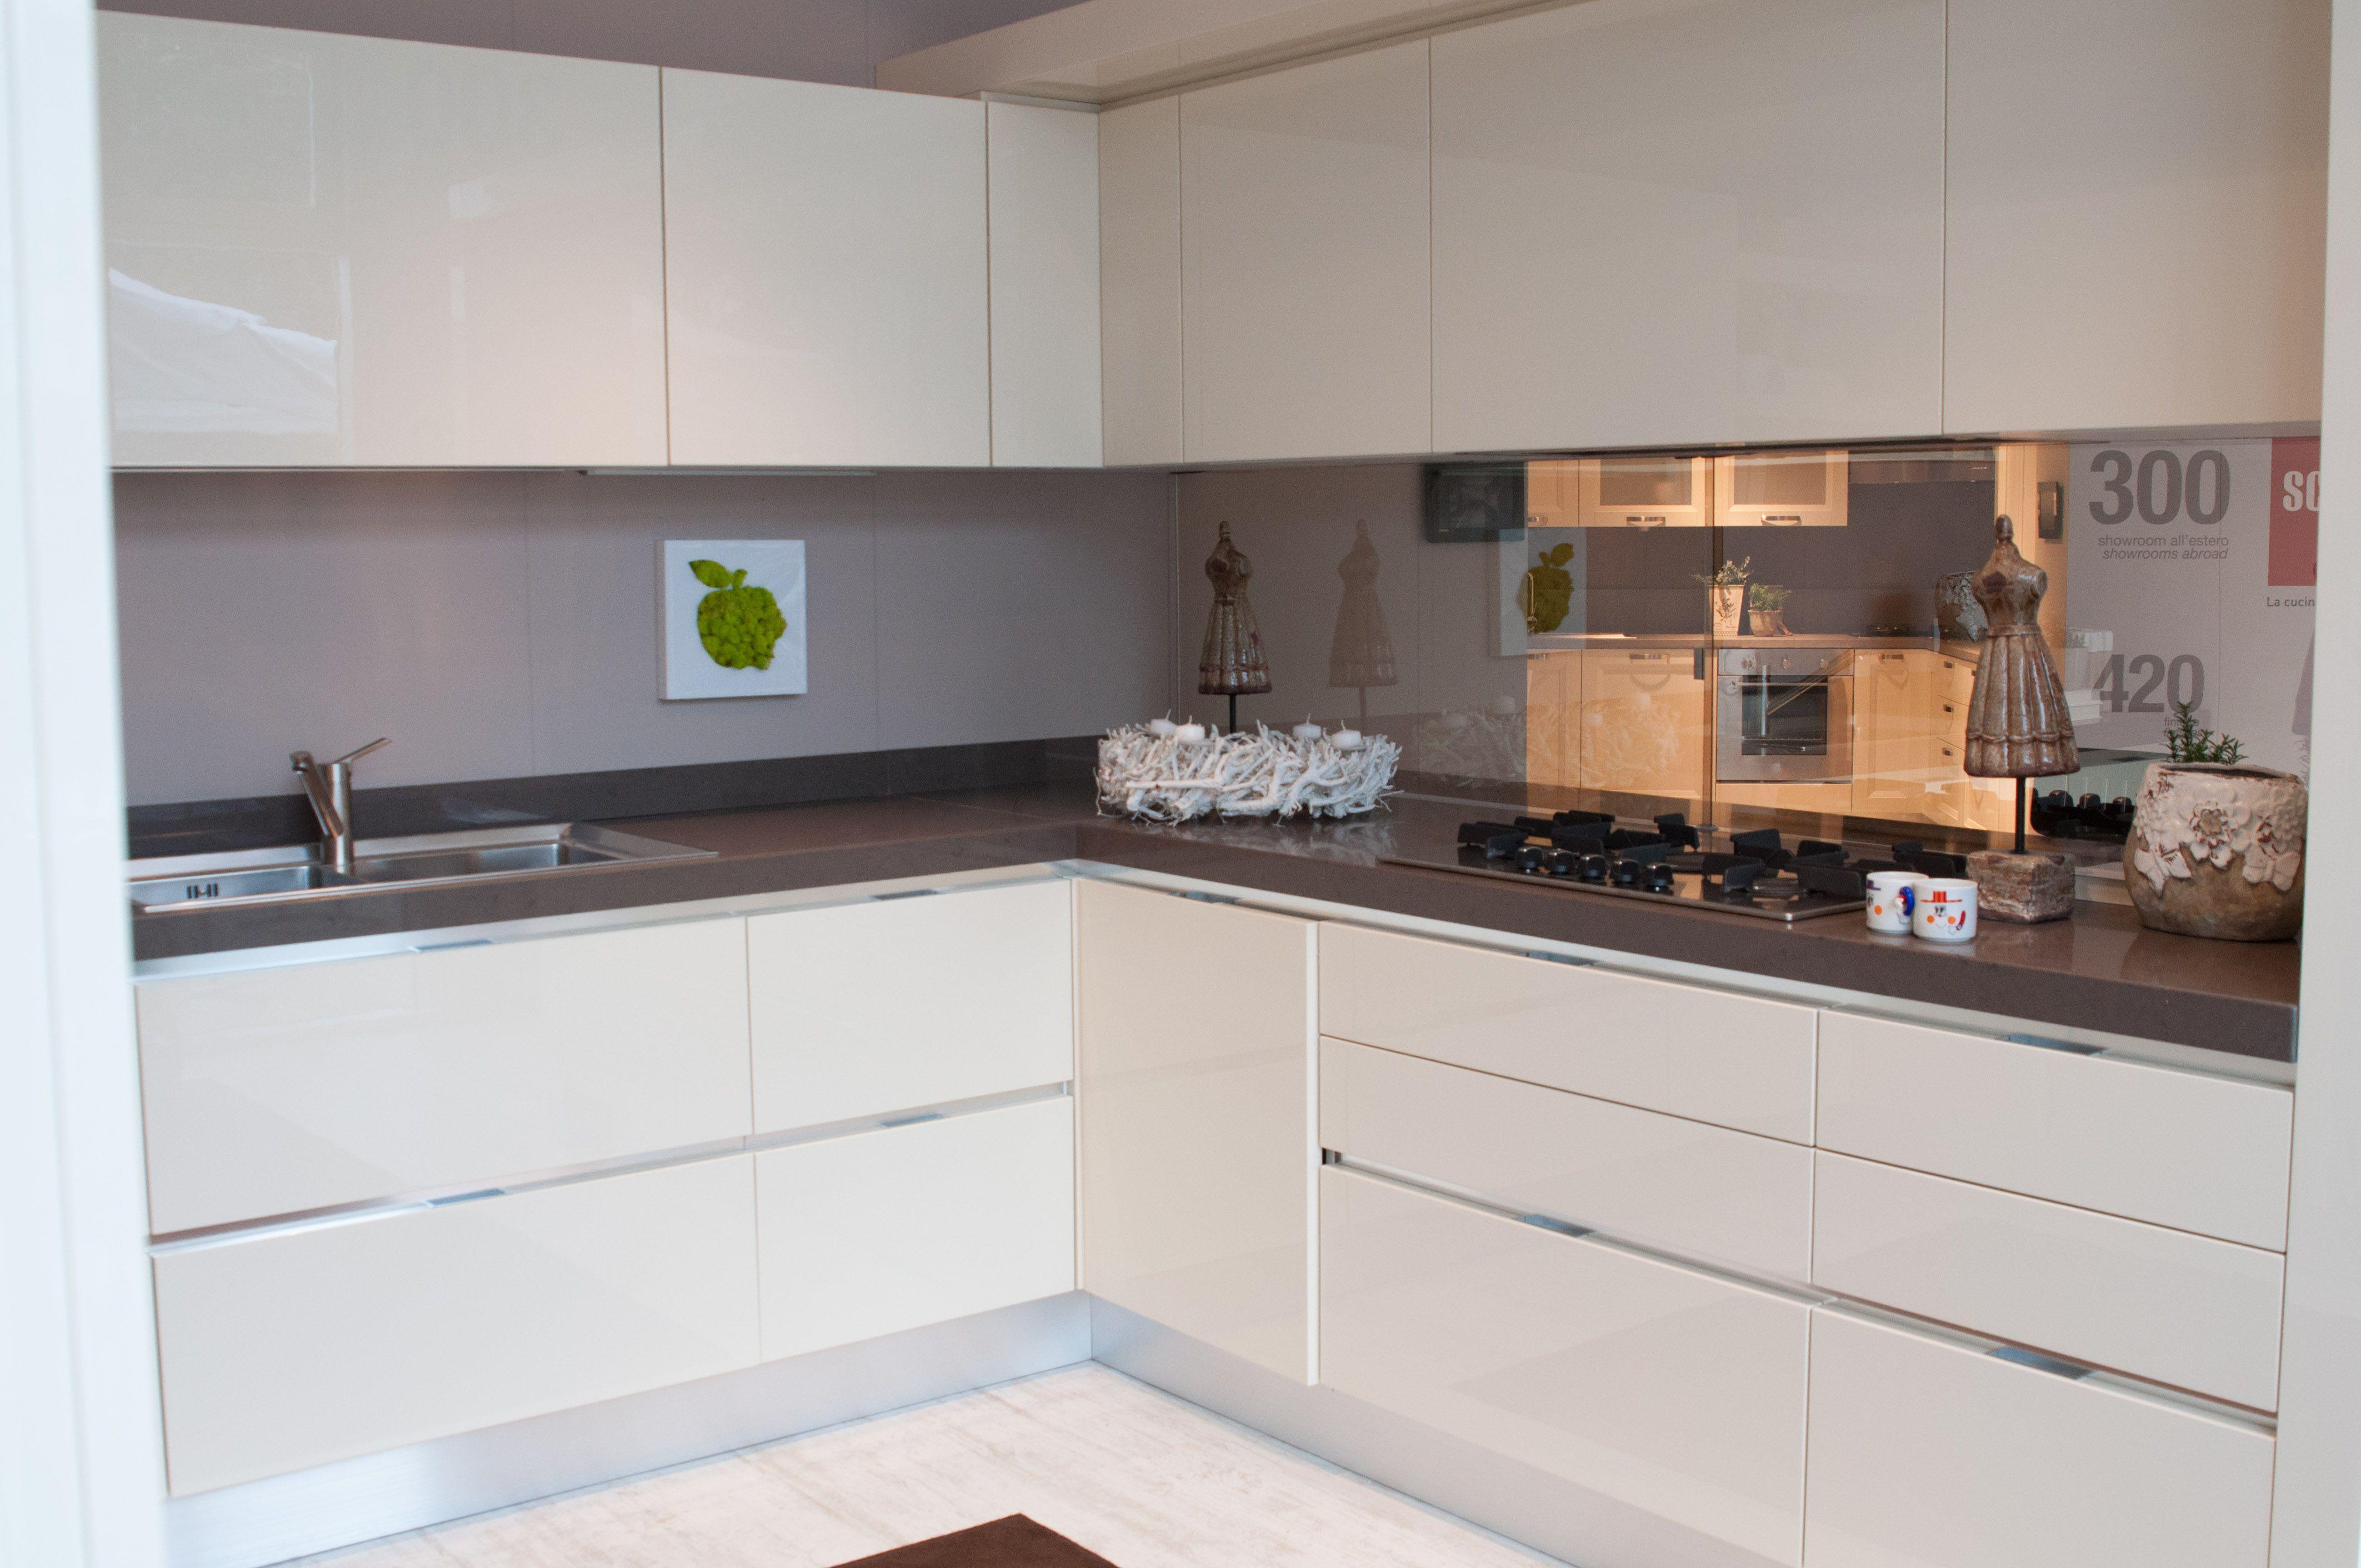 Cucina moderna Scavolini  composizione ad angolo bianca